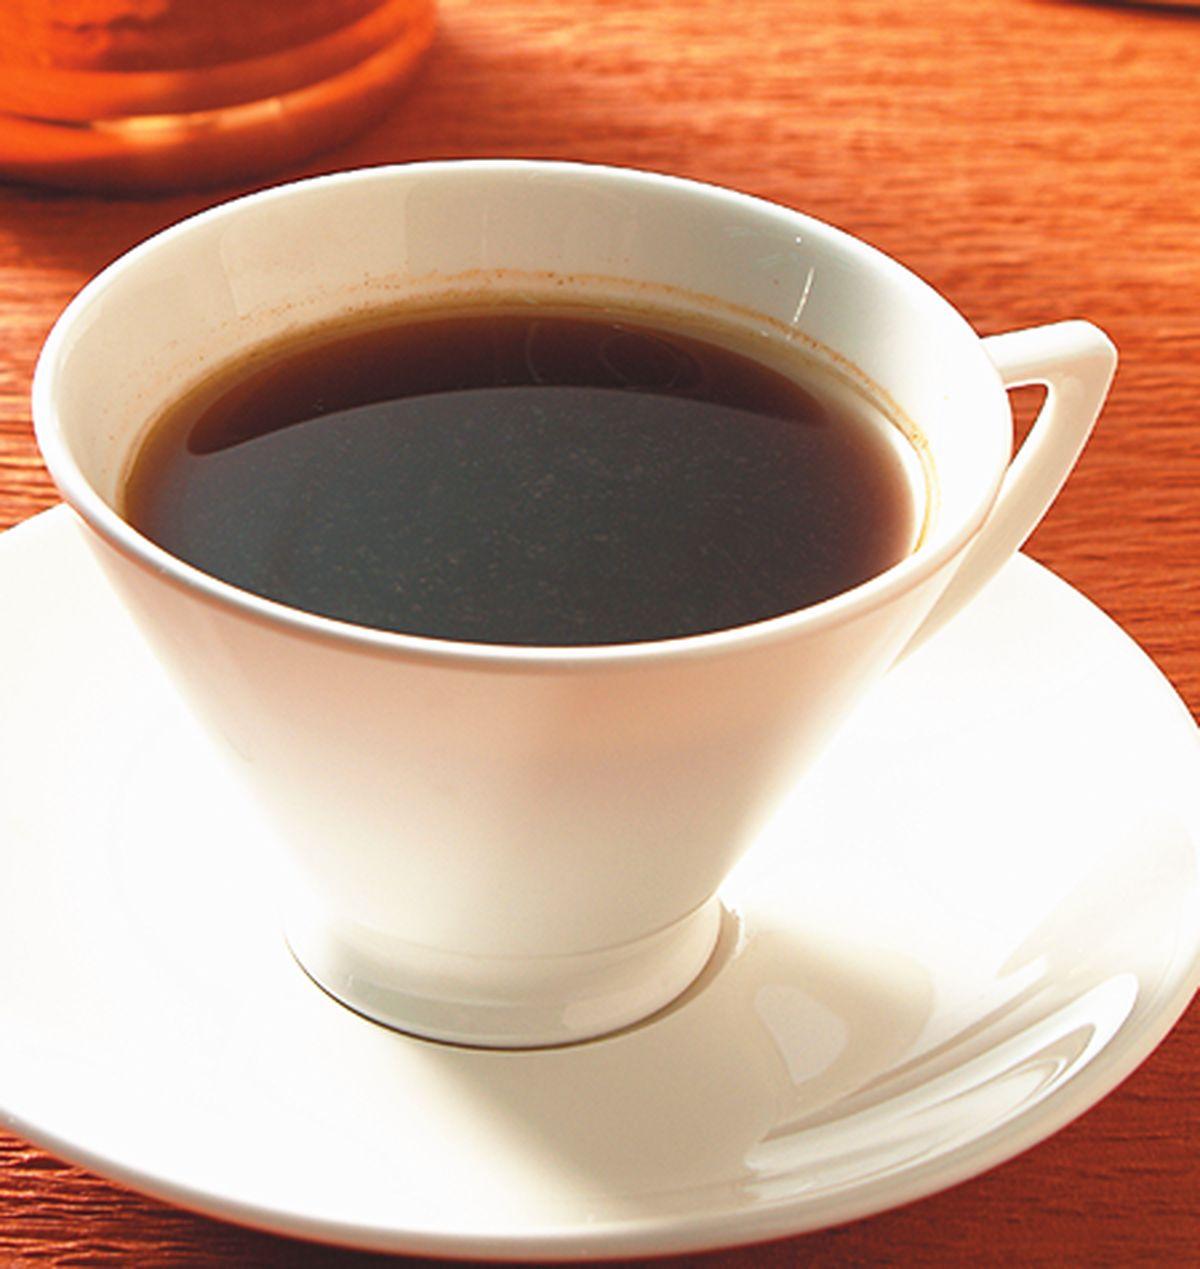 食譜:土耳其咖啡